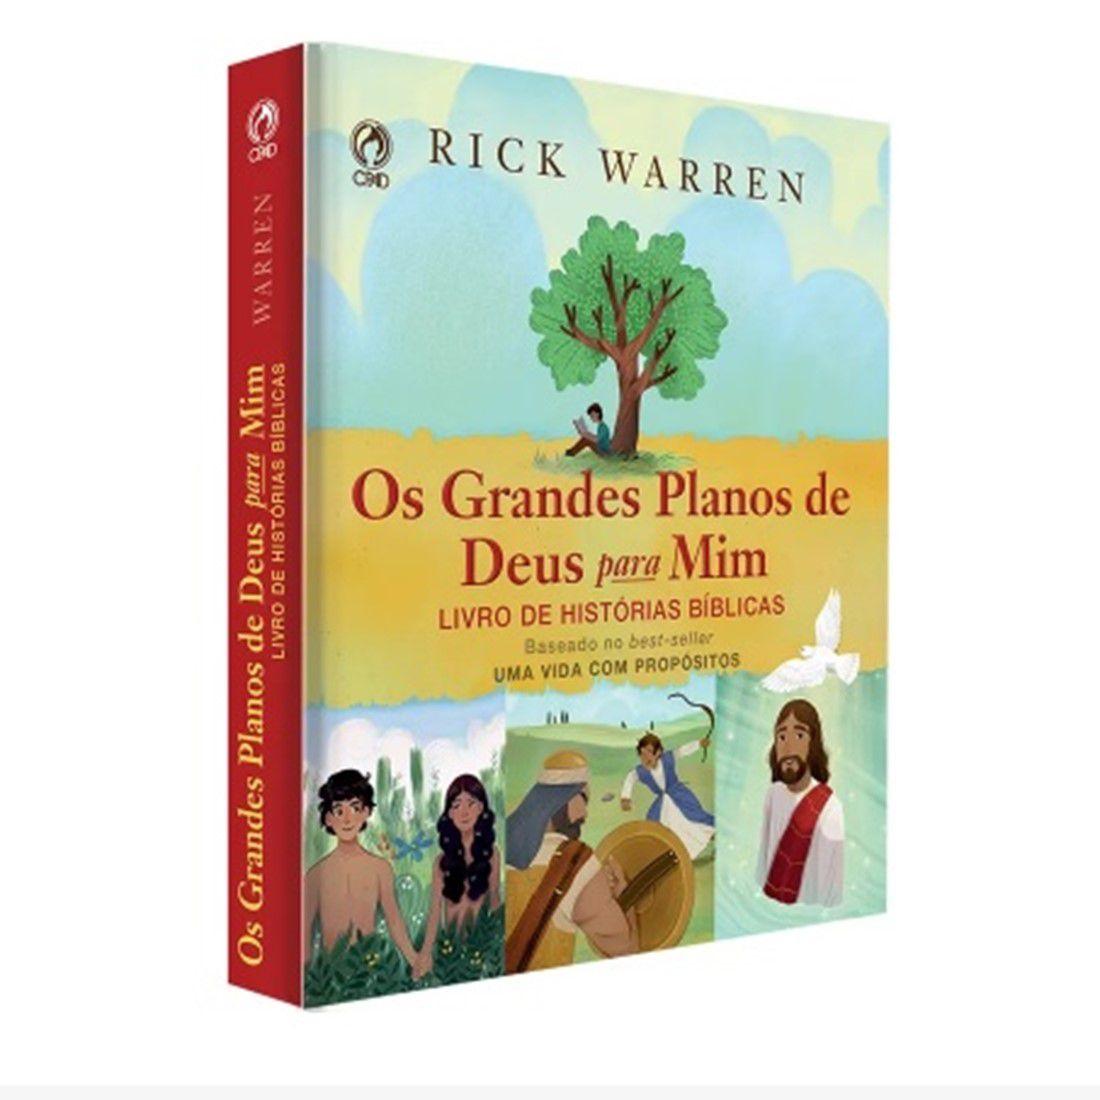 Livro Os Grandes Planos de Deus para Mim